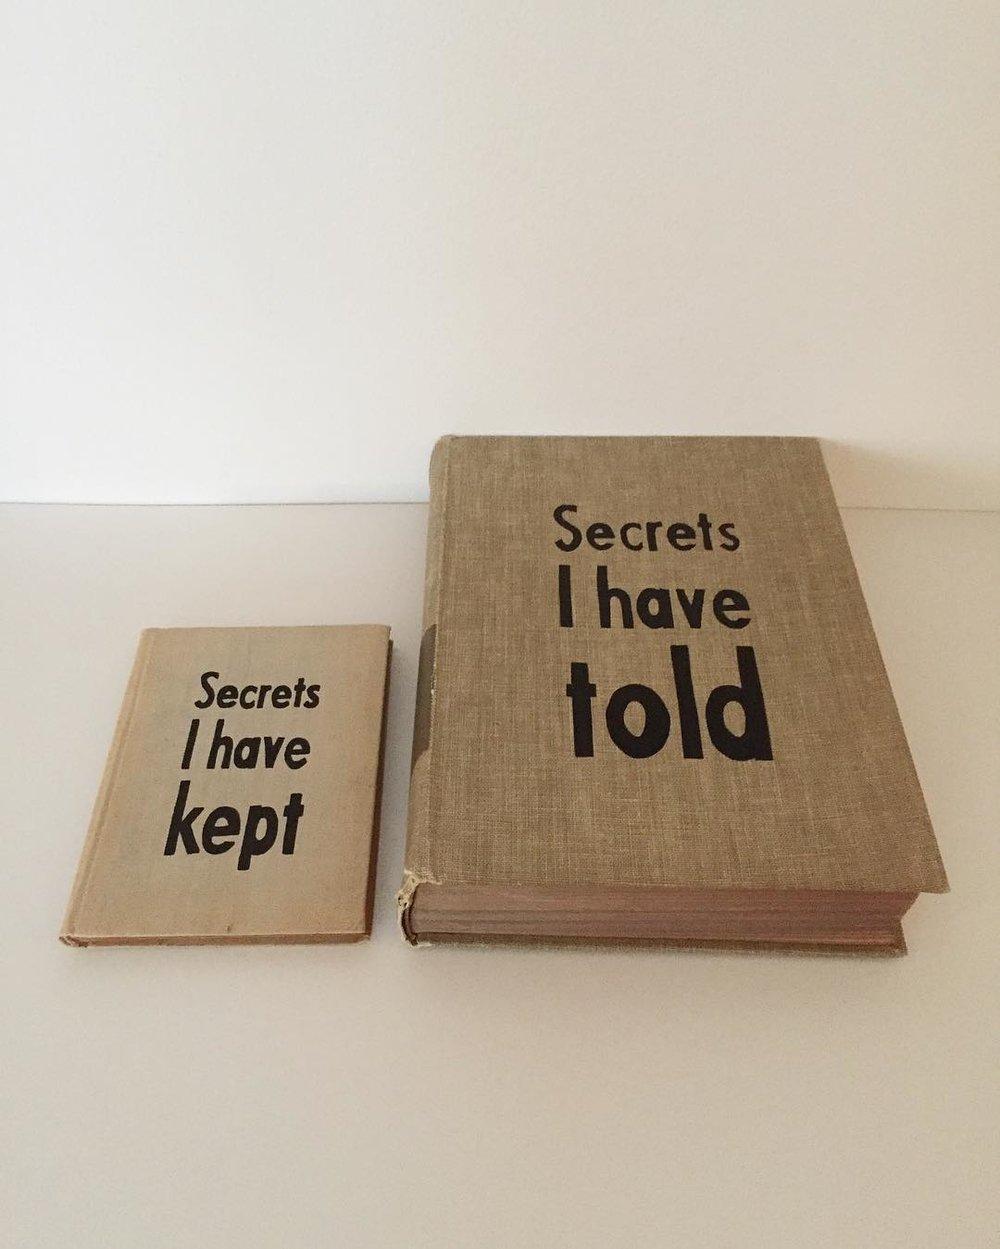 li ironici self-help book di Johan Deckmann   Collater.al 21